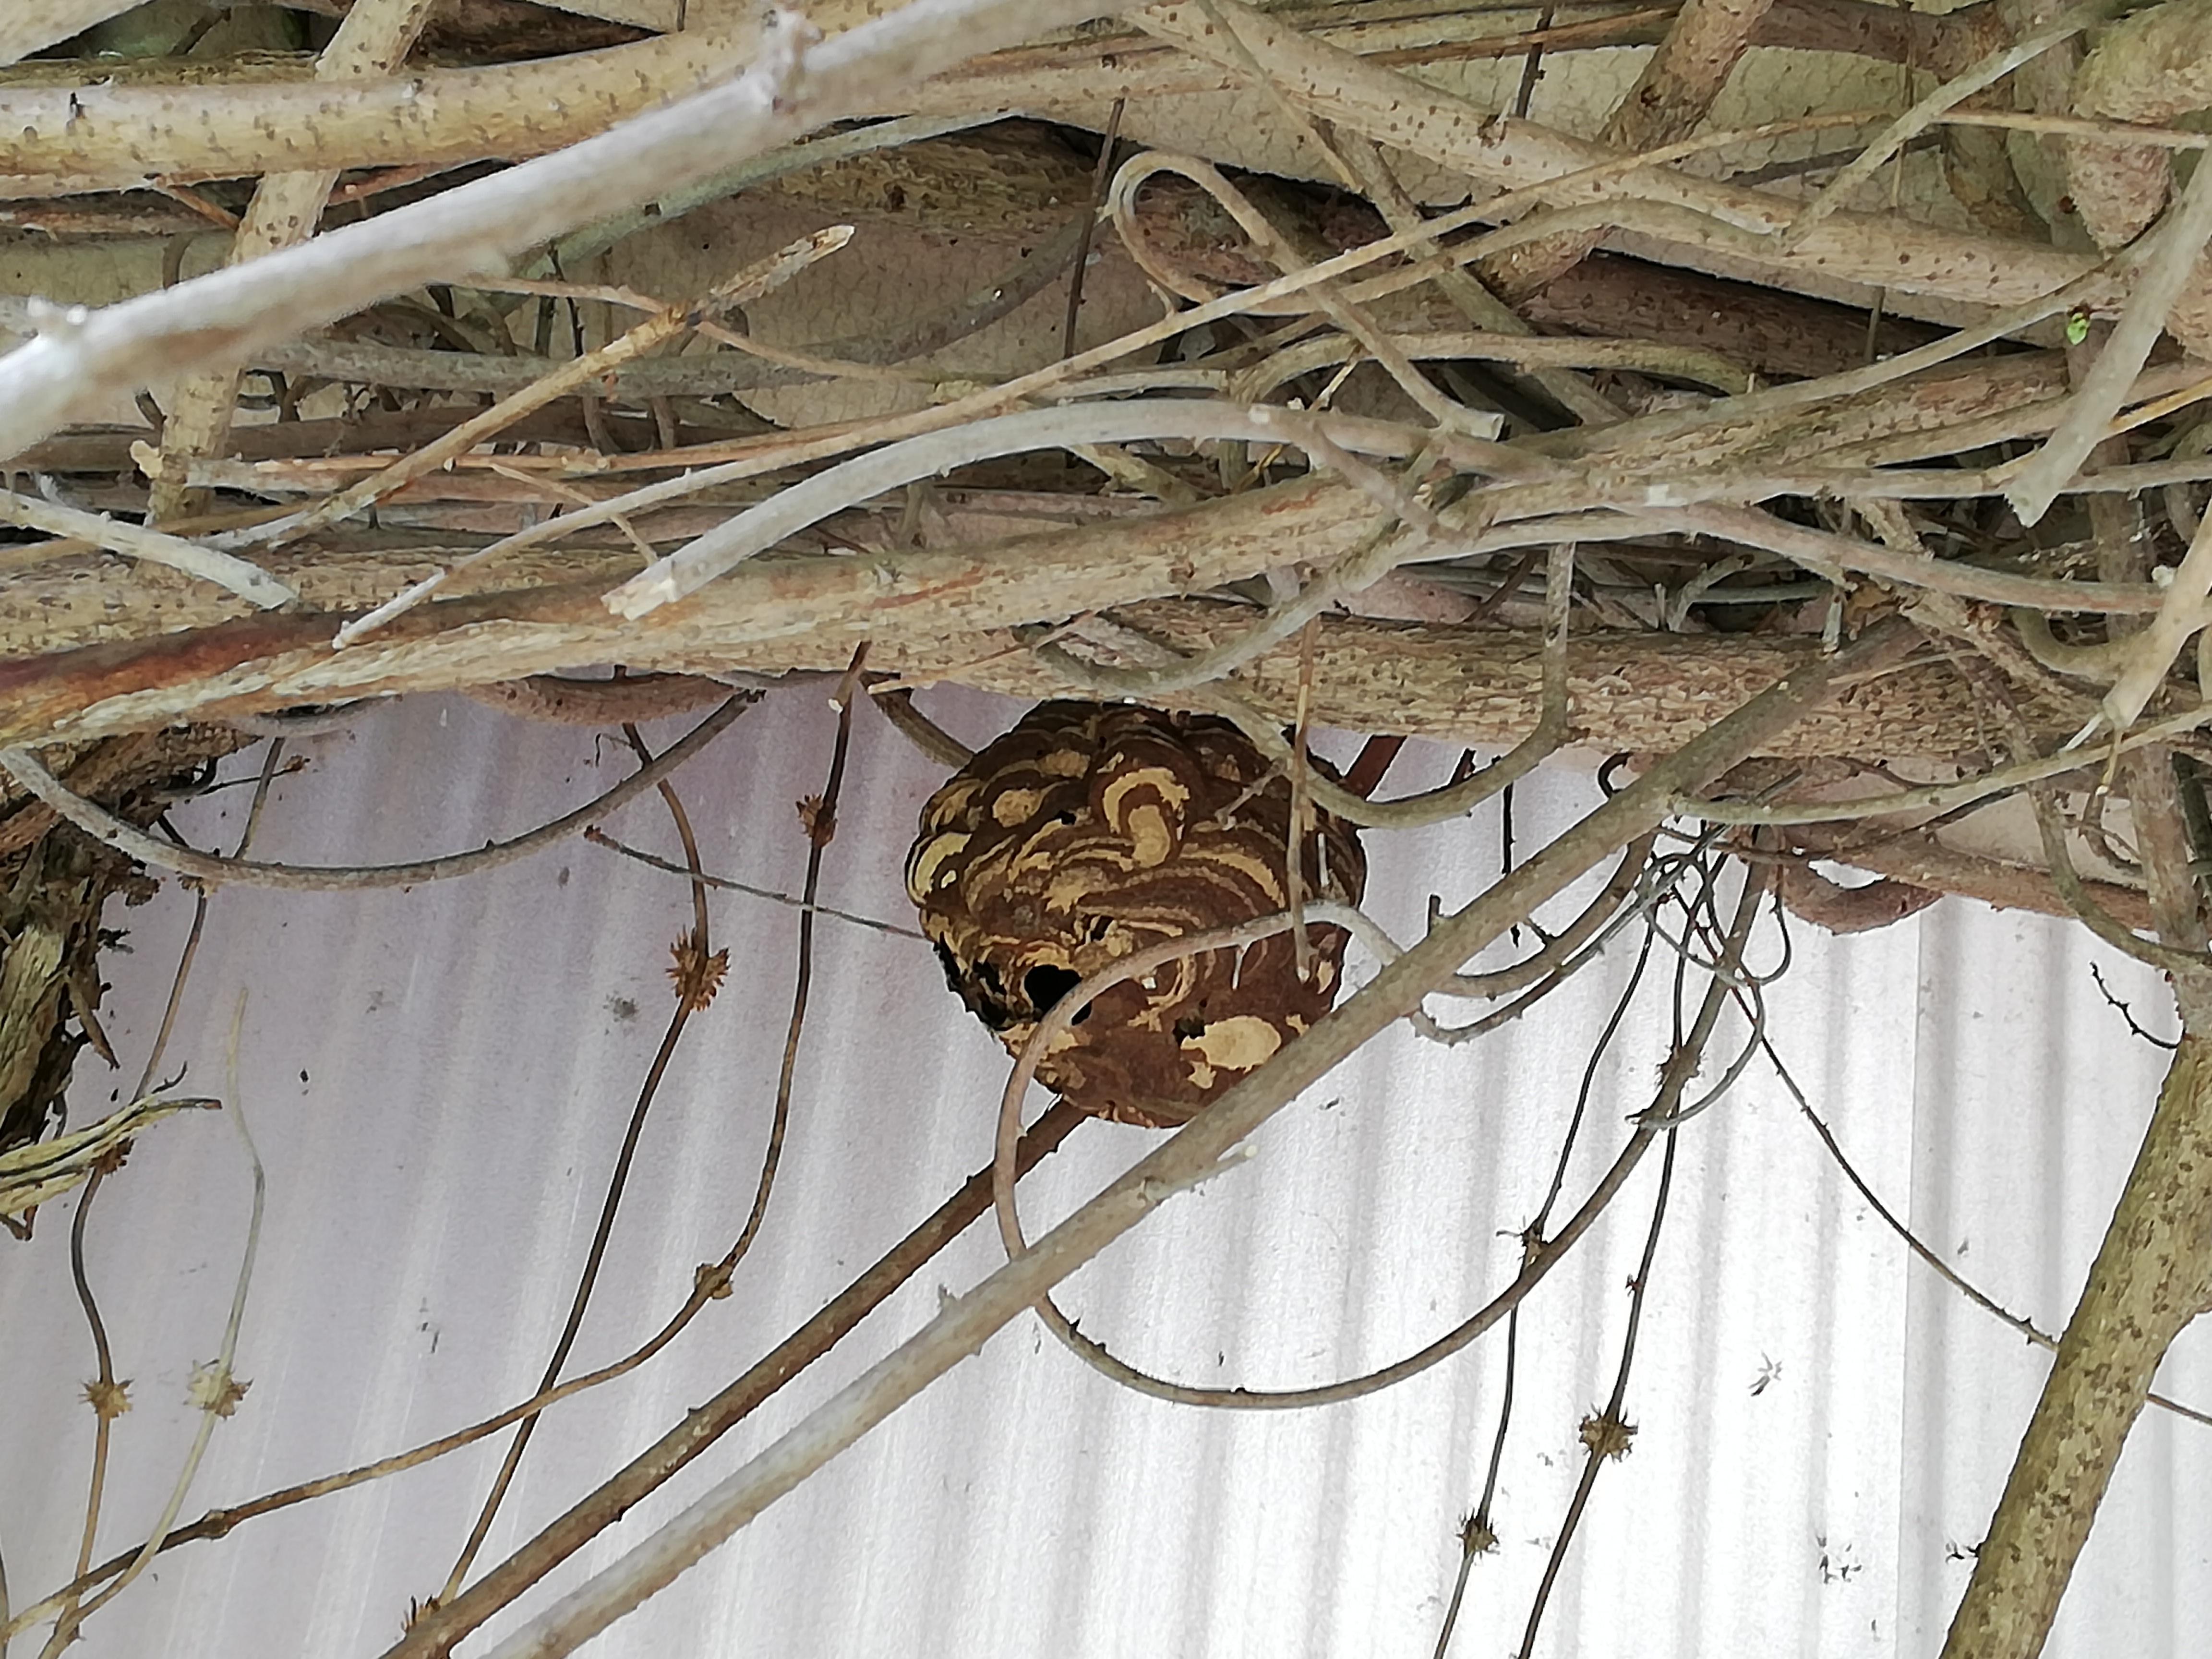 いなべ市のコガタスズメバチの巣